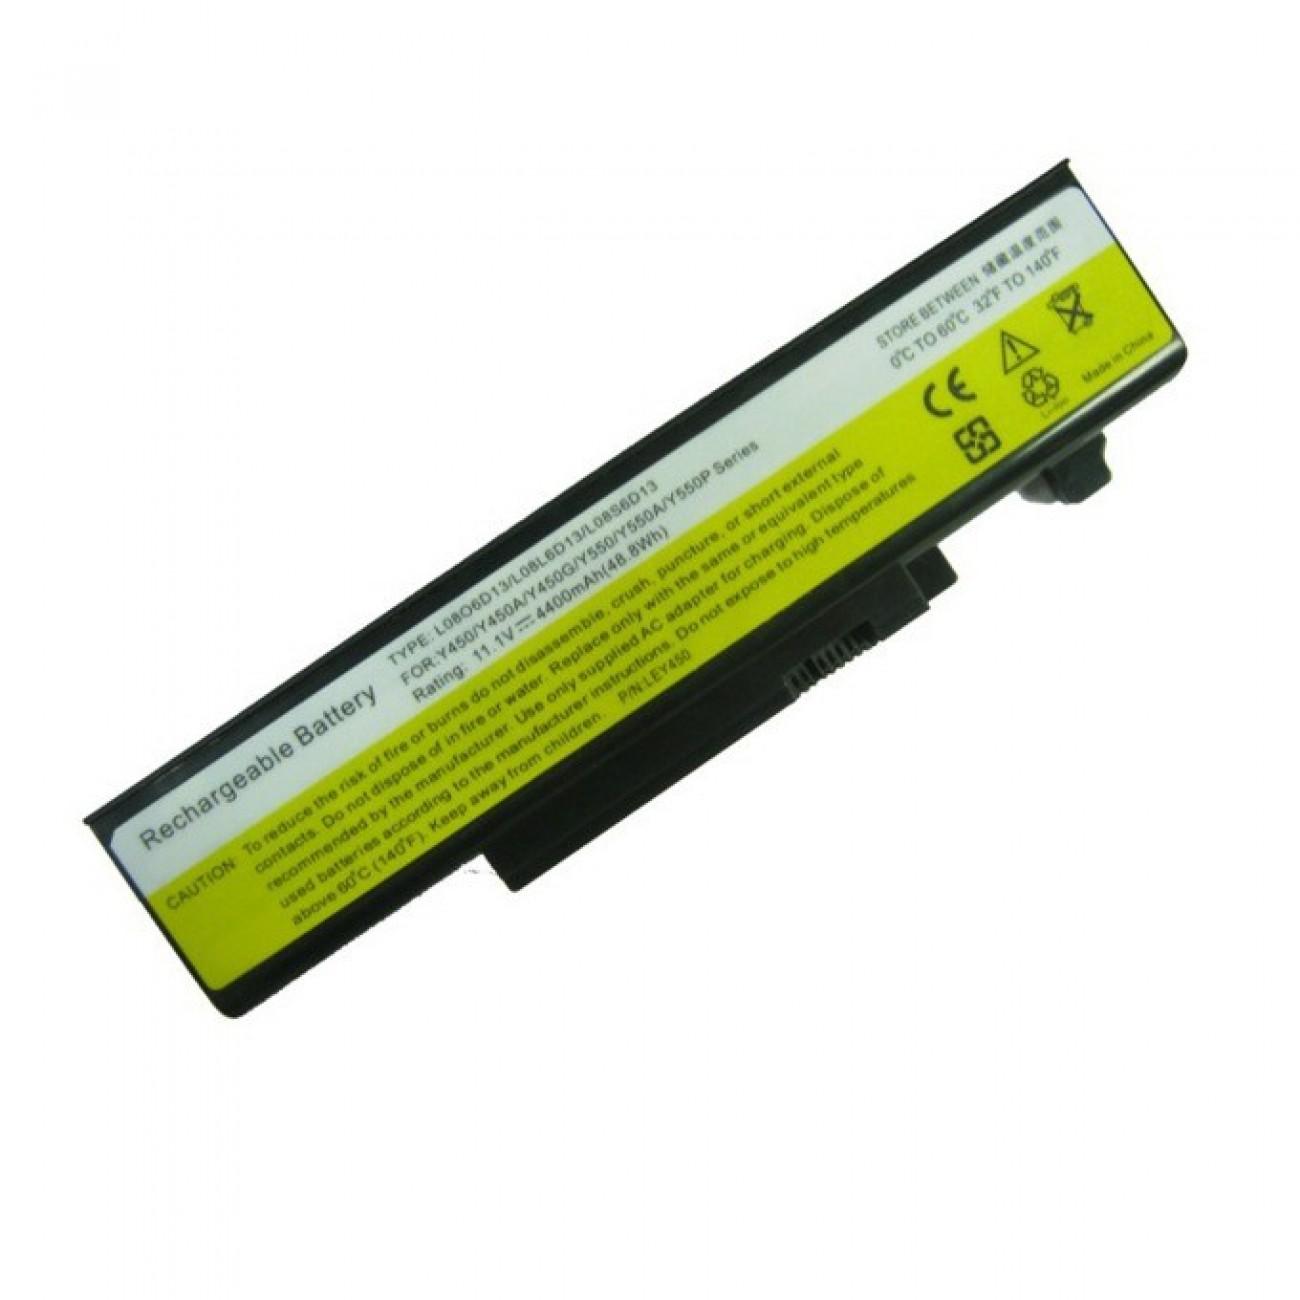 Батерия (заместител) за Lenovo IdeaPad, съвместима с Y450/Y550, 6cell, 11.1V, 4400mAh в Батерии за Лаптоп -  | Alleop